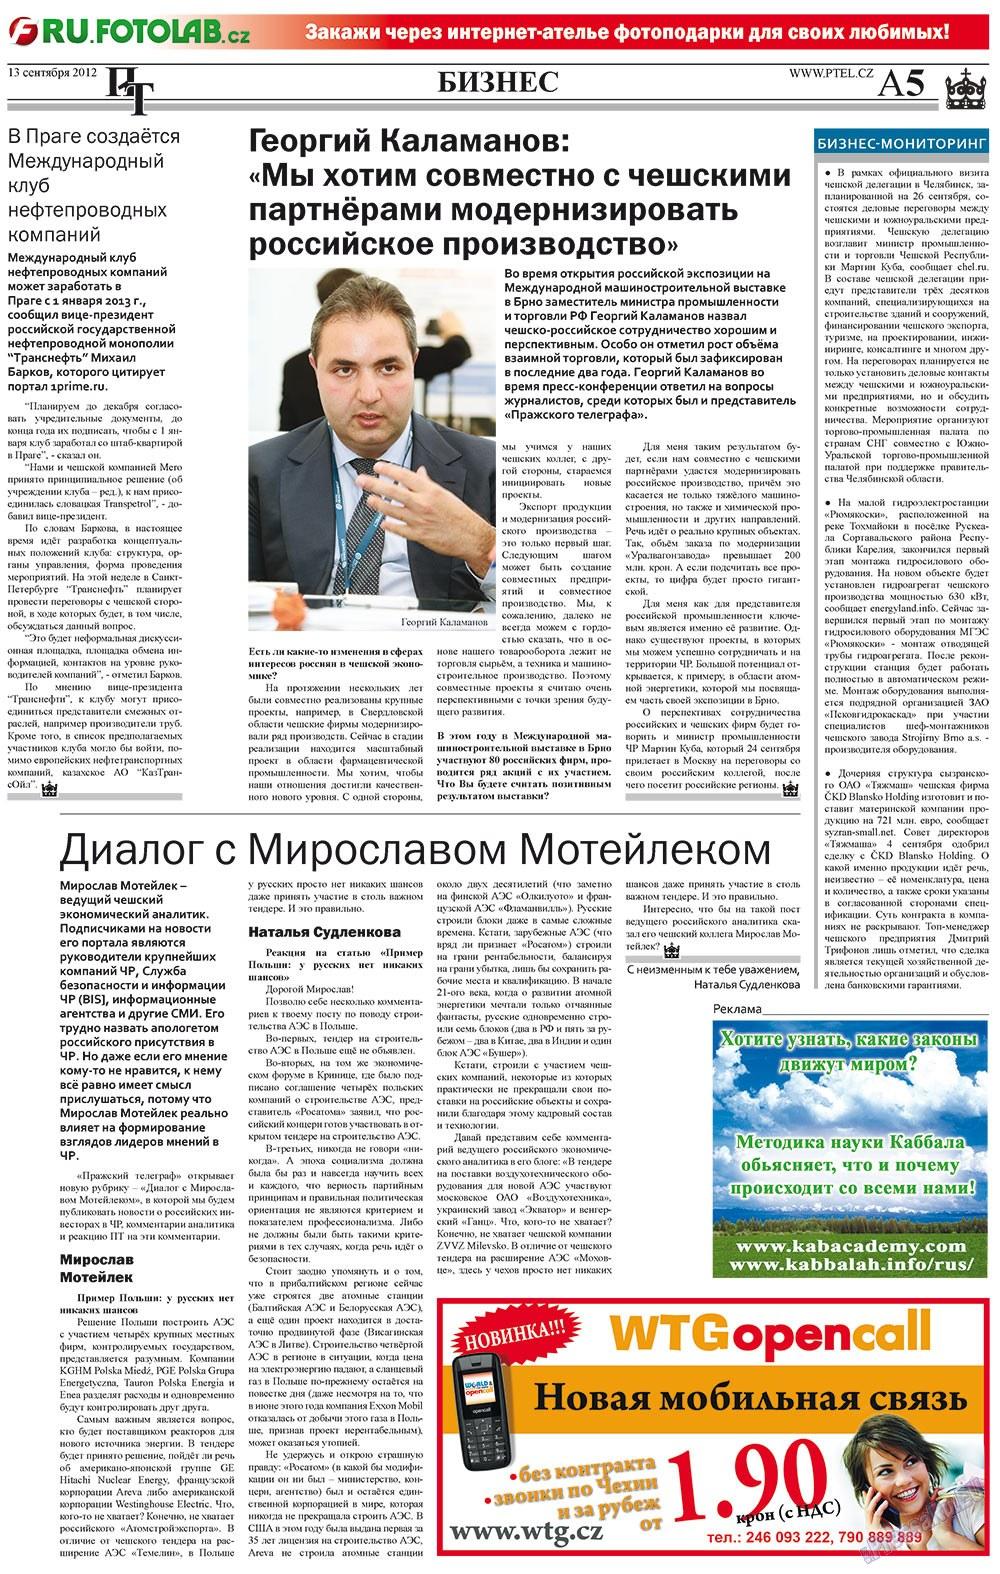 Пражский телеграф (газета). 2012 год, номер 36, стр. 5